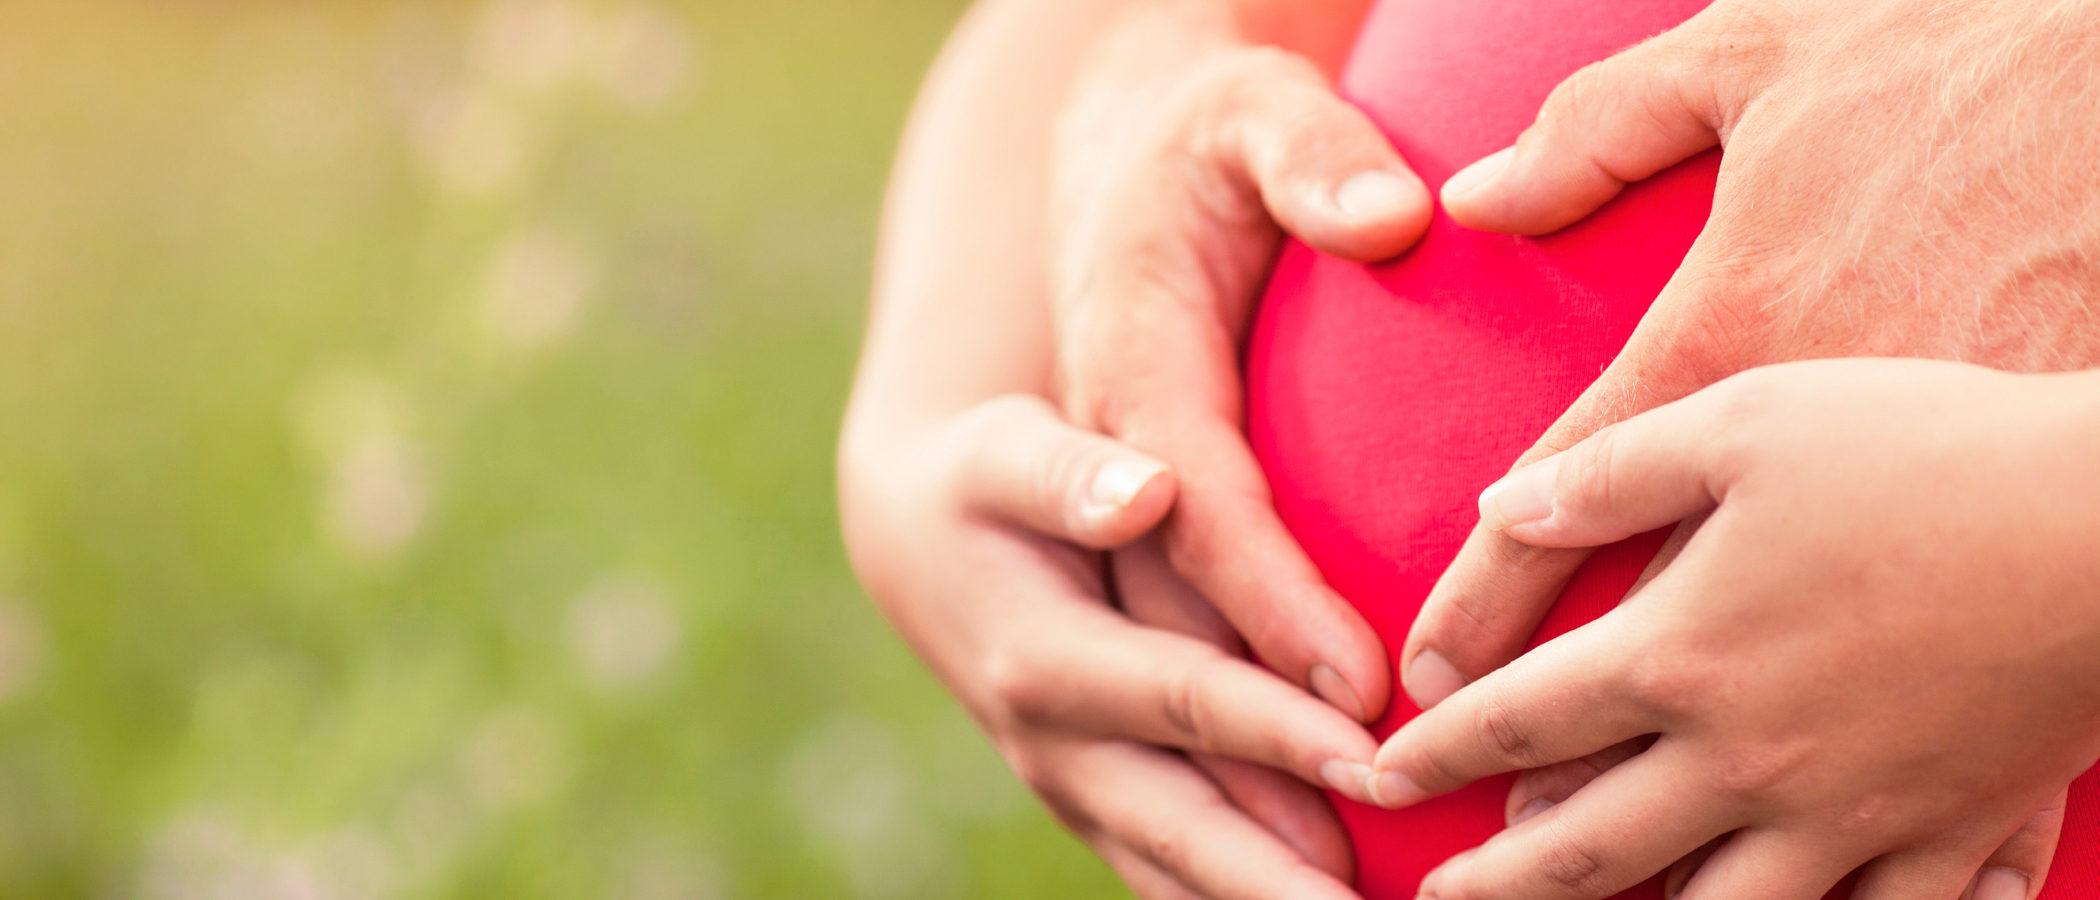 5 síntomas que podemos confundir con el parto